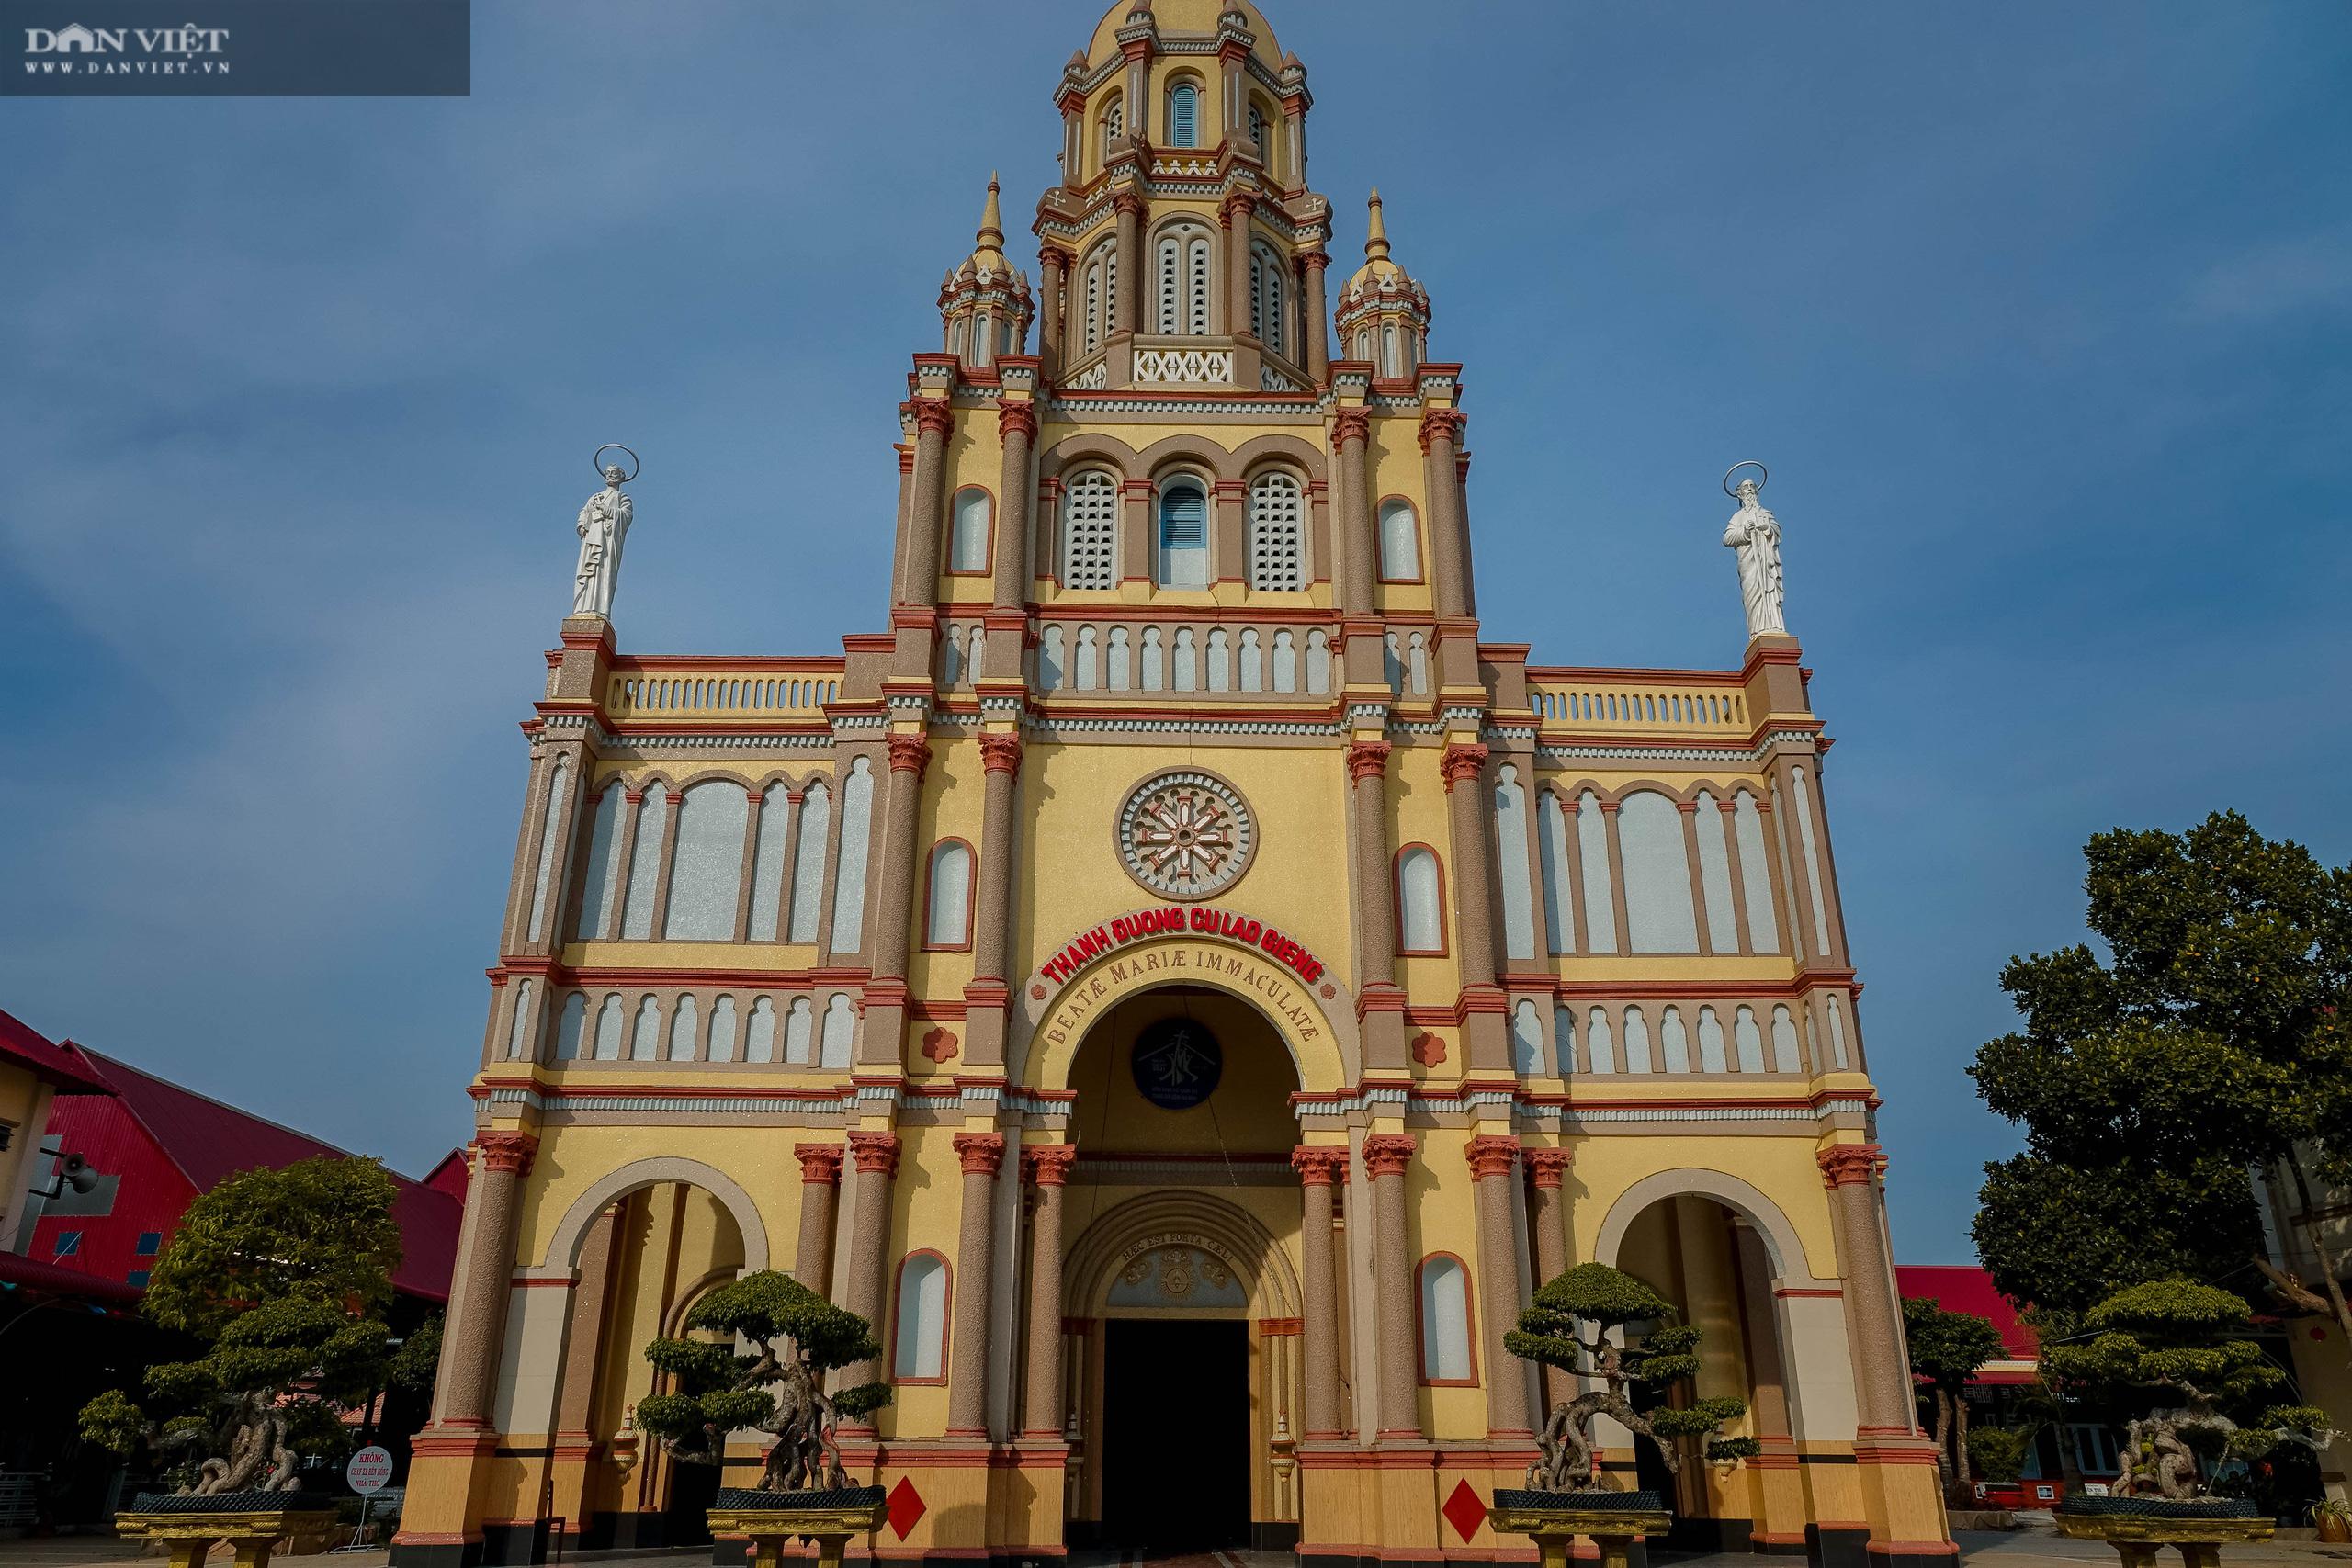 Chiêm ngưỡng vẻ đẹp của thánh đường xưa nhất miền Tây ở Cù Lao Giêng - Ảnh 3.